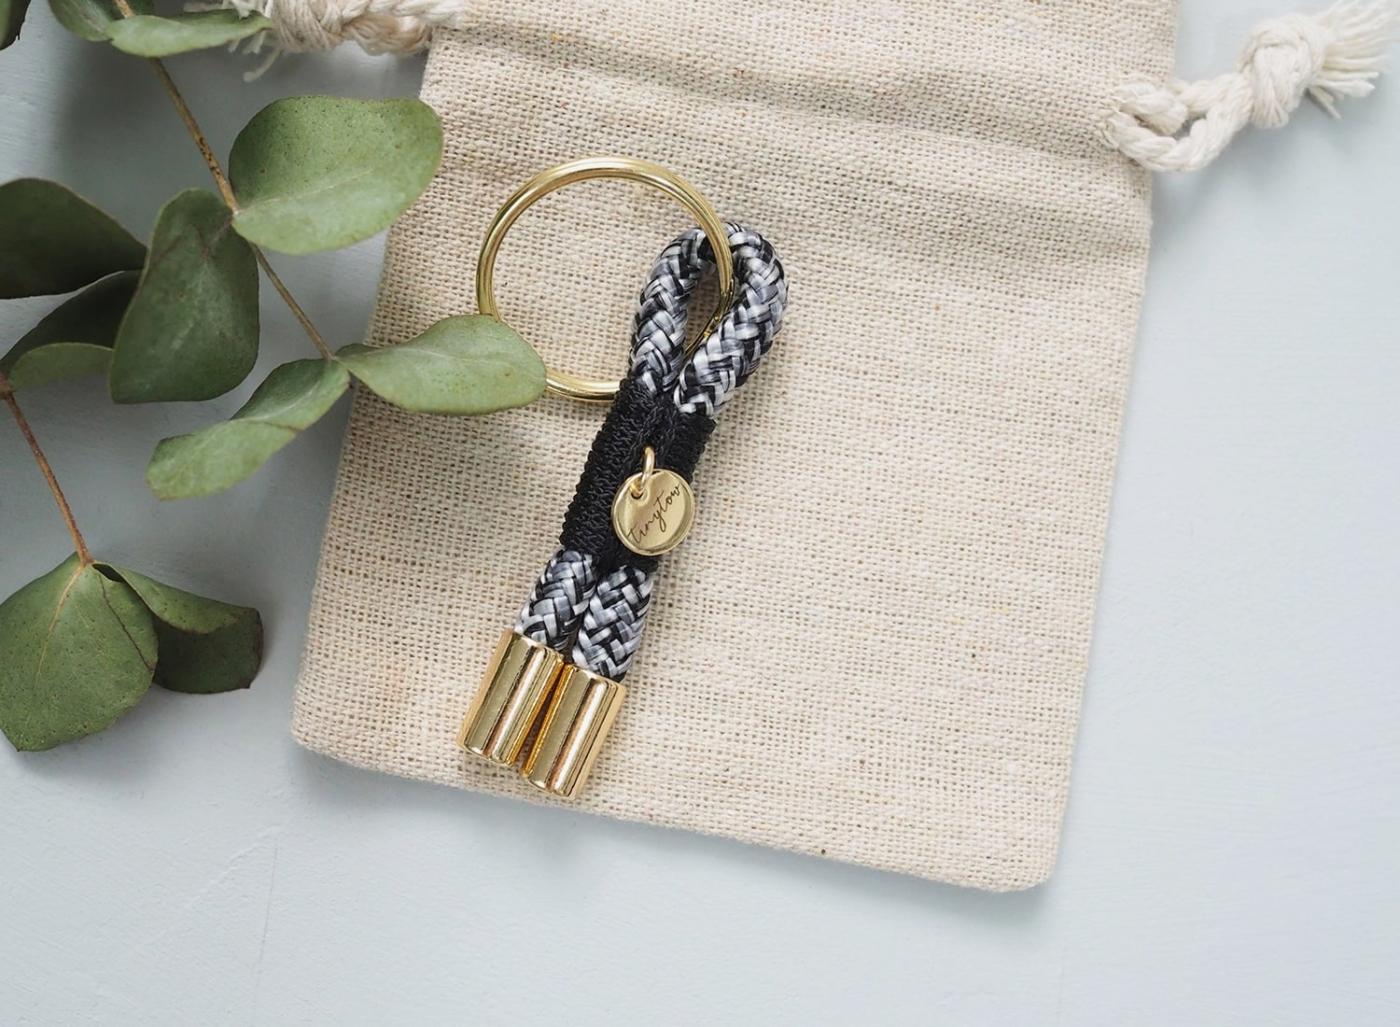 Schlüsselanhänger Towy mit schwarz-weißem Tauseil, schwarzer Takelung und goldenen Details. Liebevoll verpackt in einem Baumwollsäckchen.